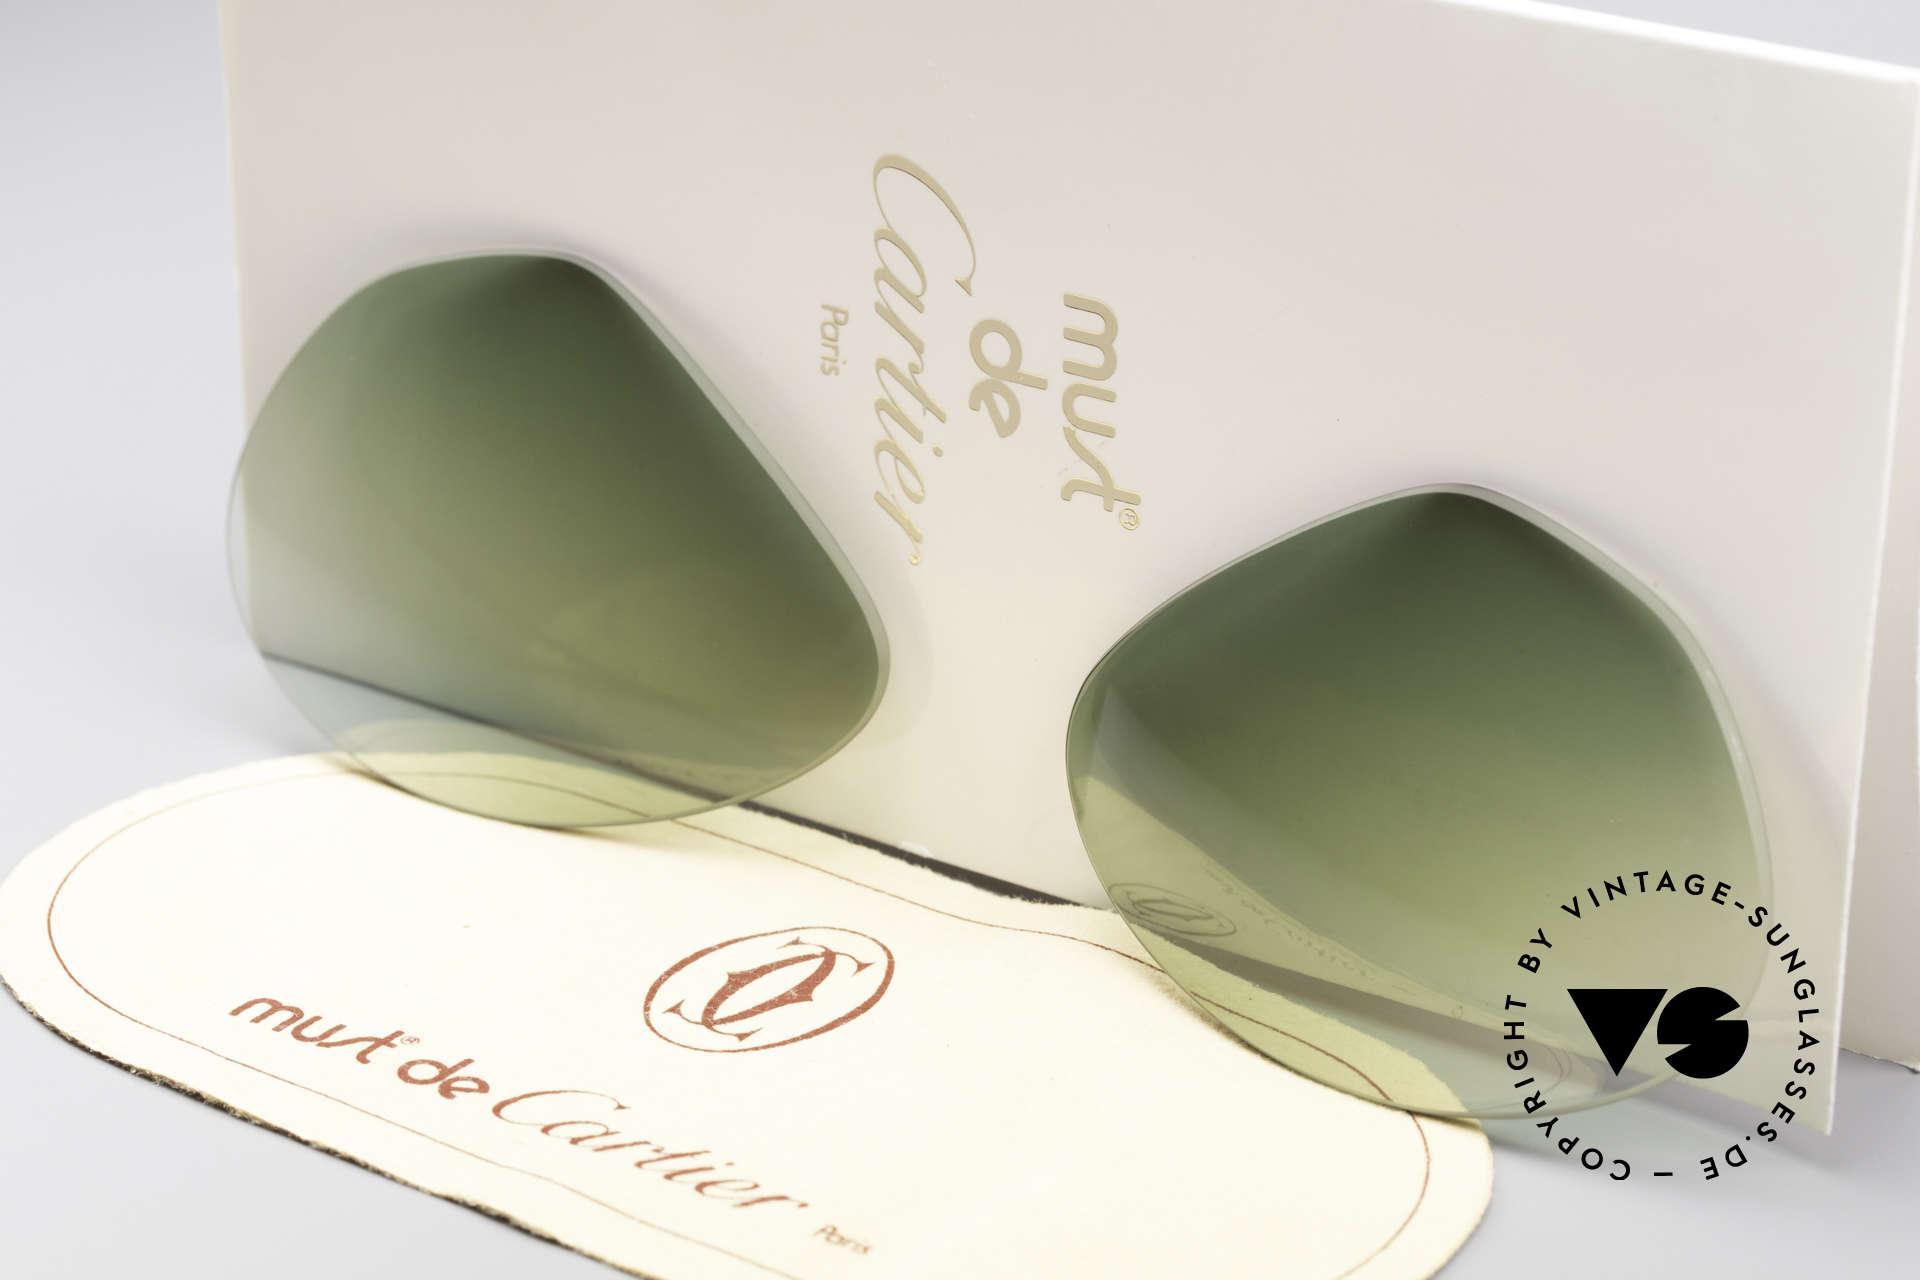 Cartier Vendome Lenses - L Green Gradient Sun Lenses, new CR39 UV400 plastic lenses (for 100% UV protection), Made for Men